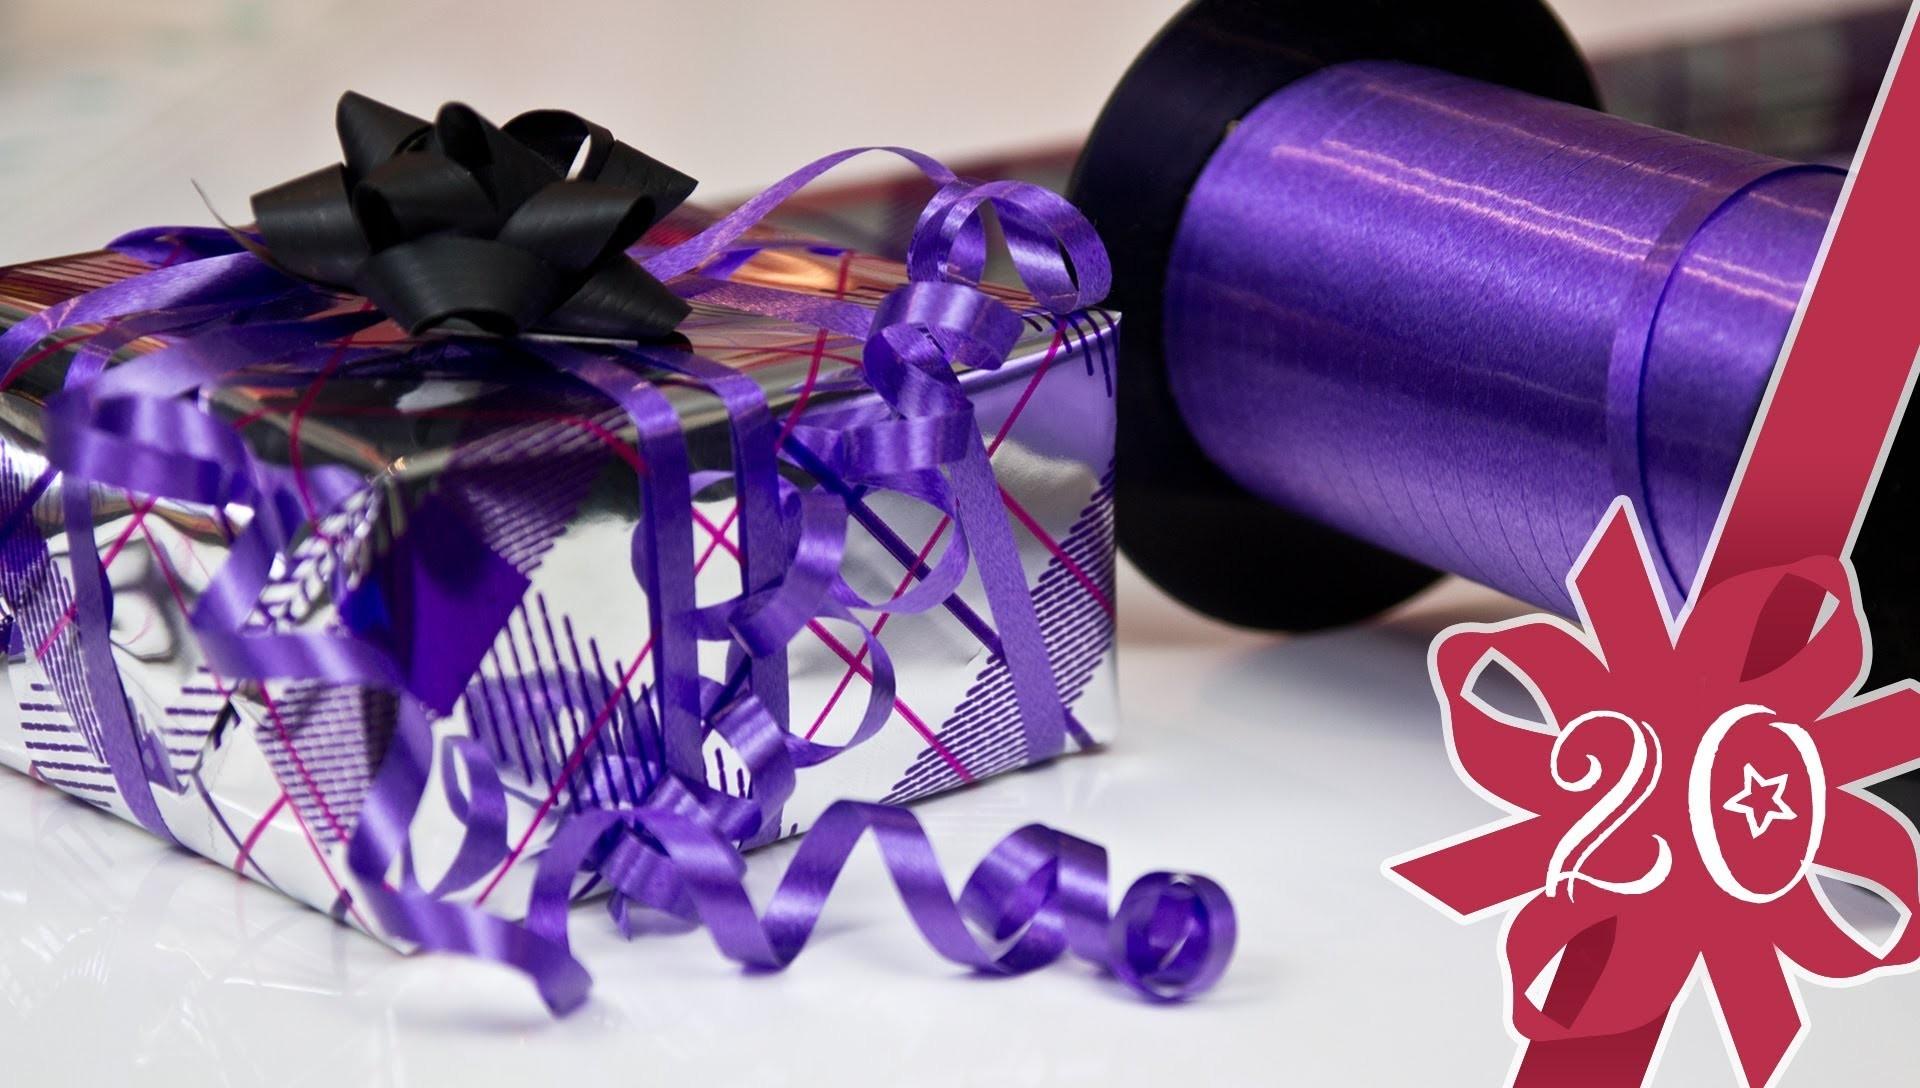 Geschenke verpacken - NIE WIEDER PAPIER VERSCHWENDEN - Magnolia Adventskalender